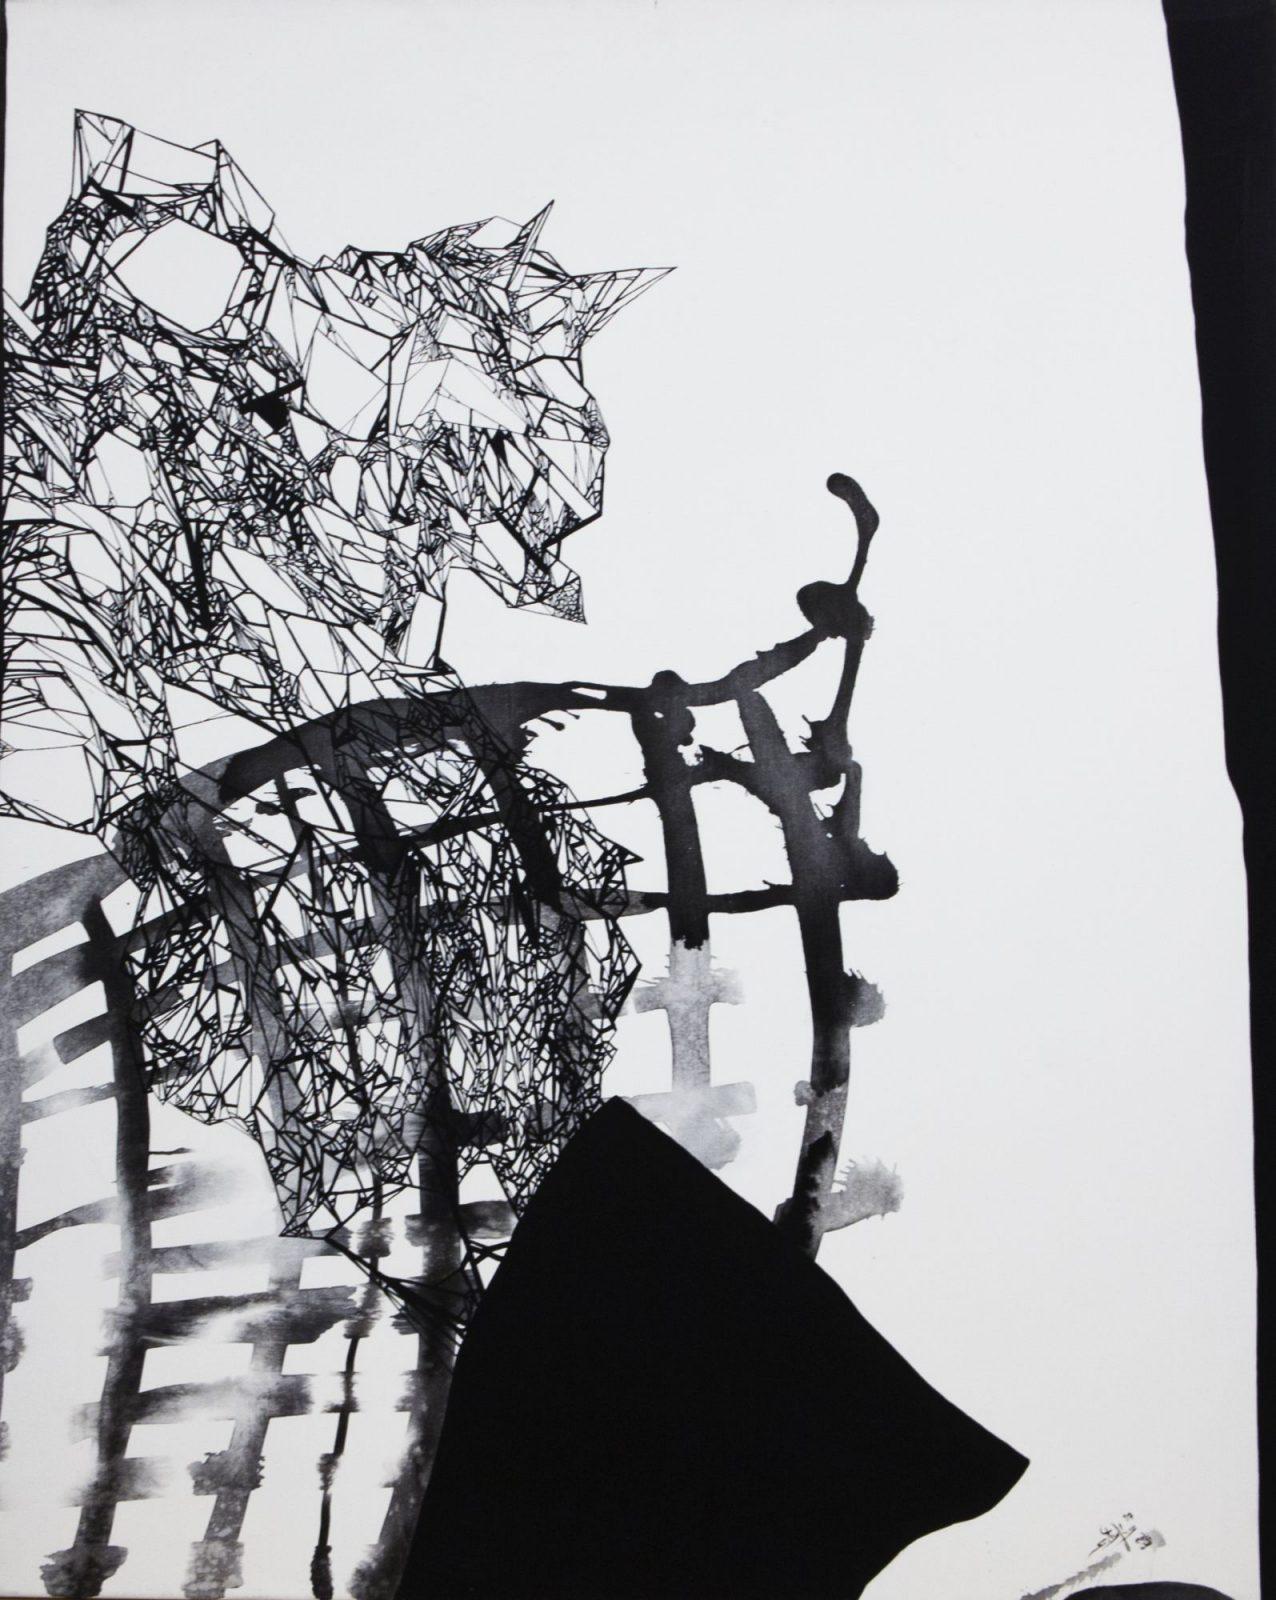 Szirtes János: Fekvő fa 53.